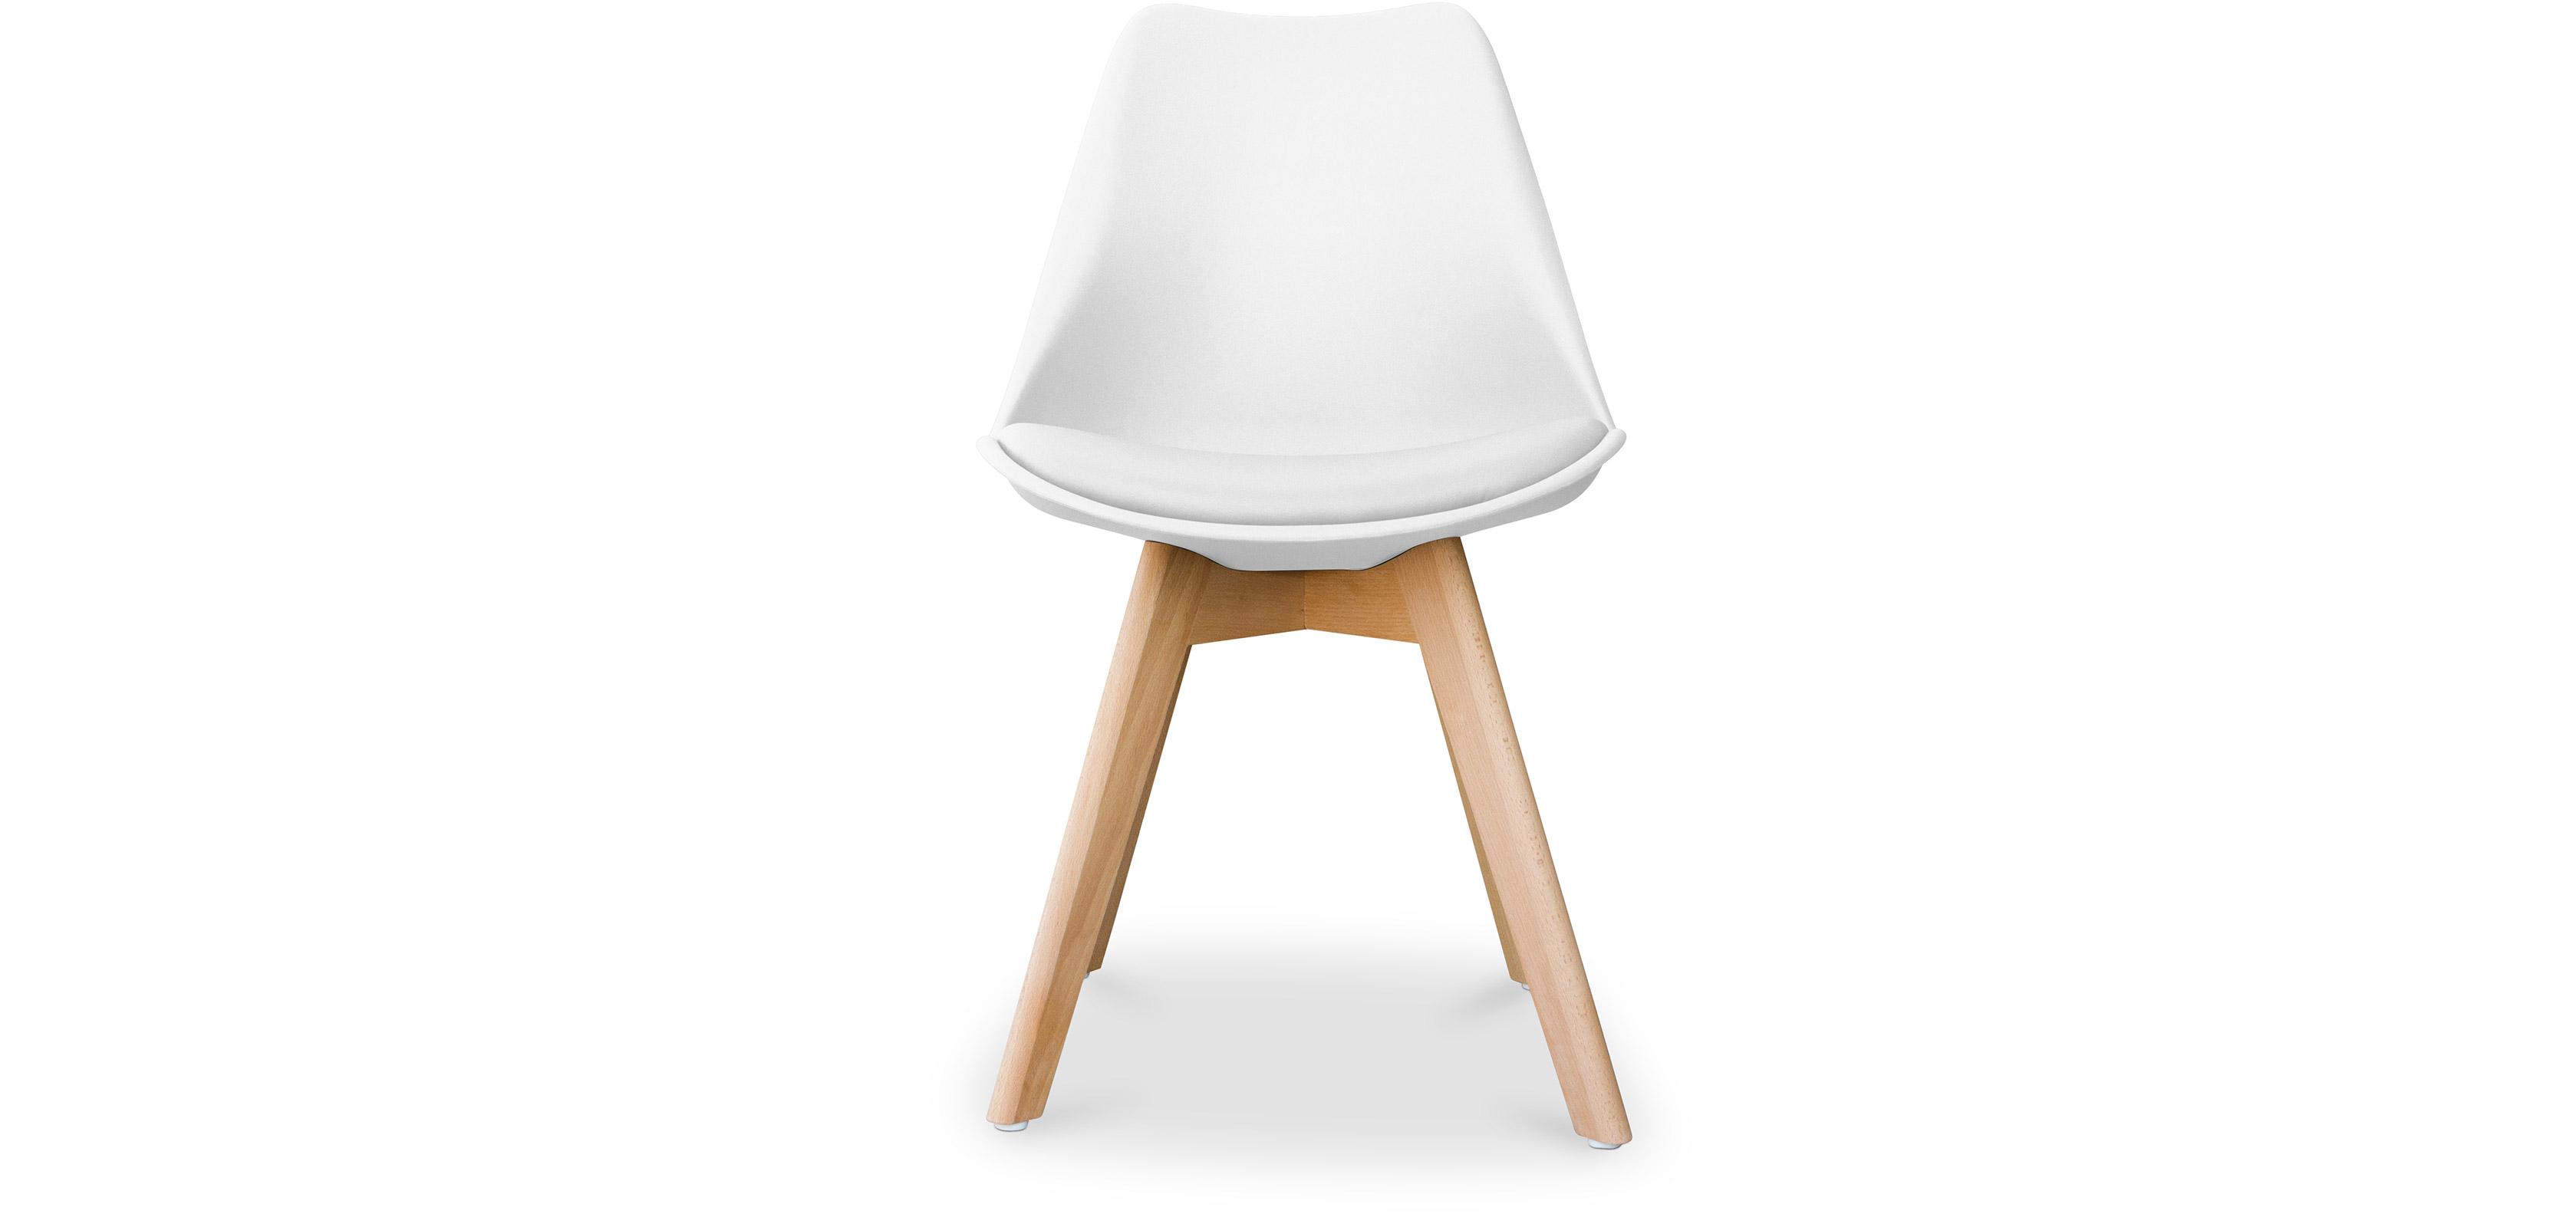 DSW Stuhl mit kissen Skandinavisches design Charles Eames